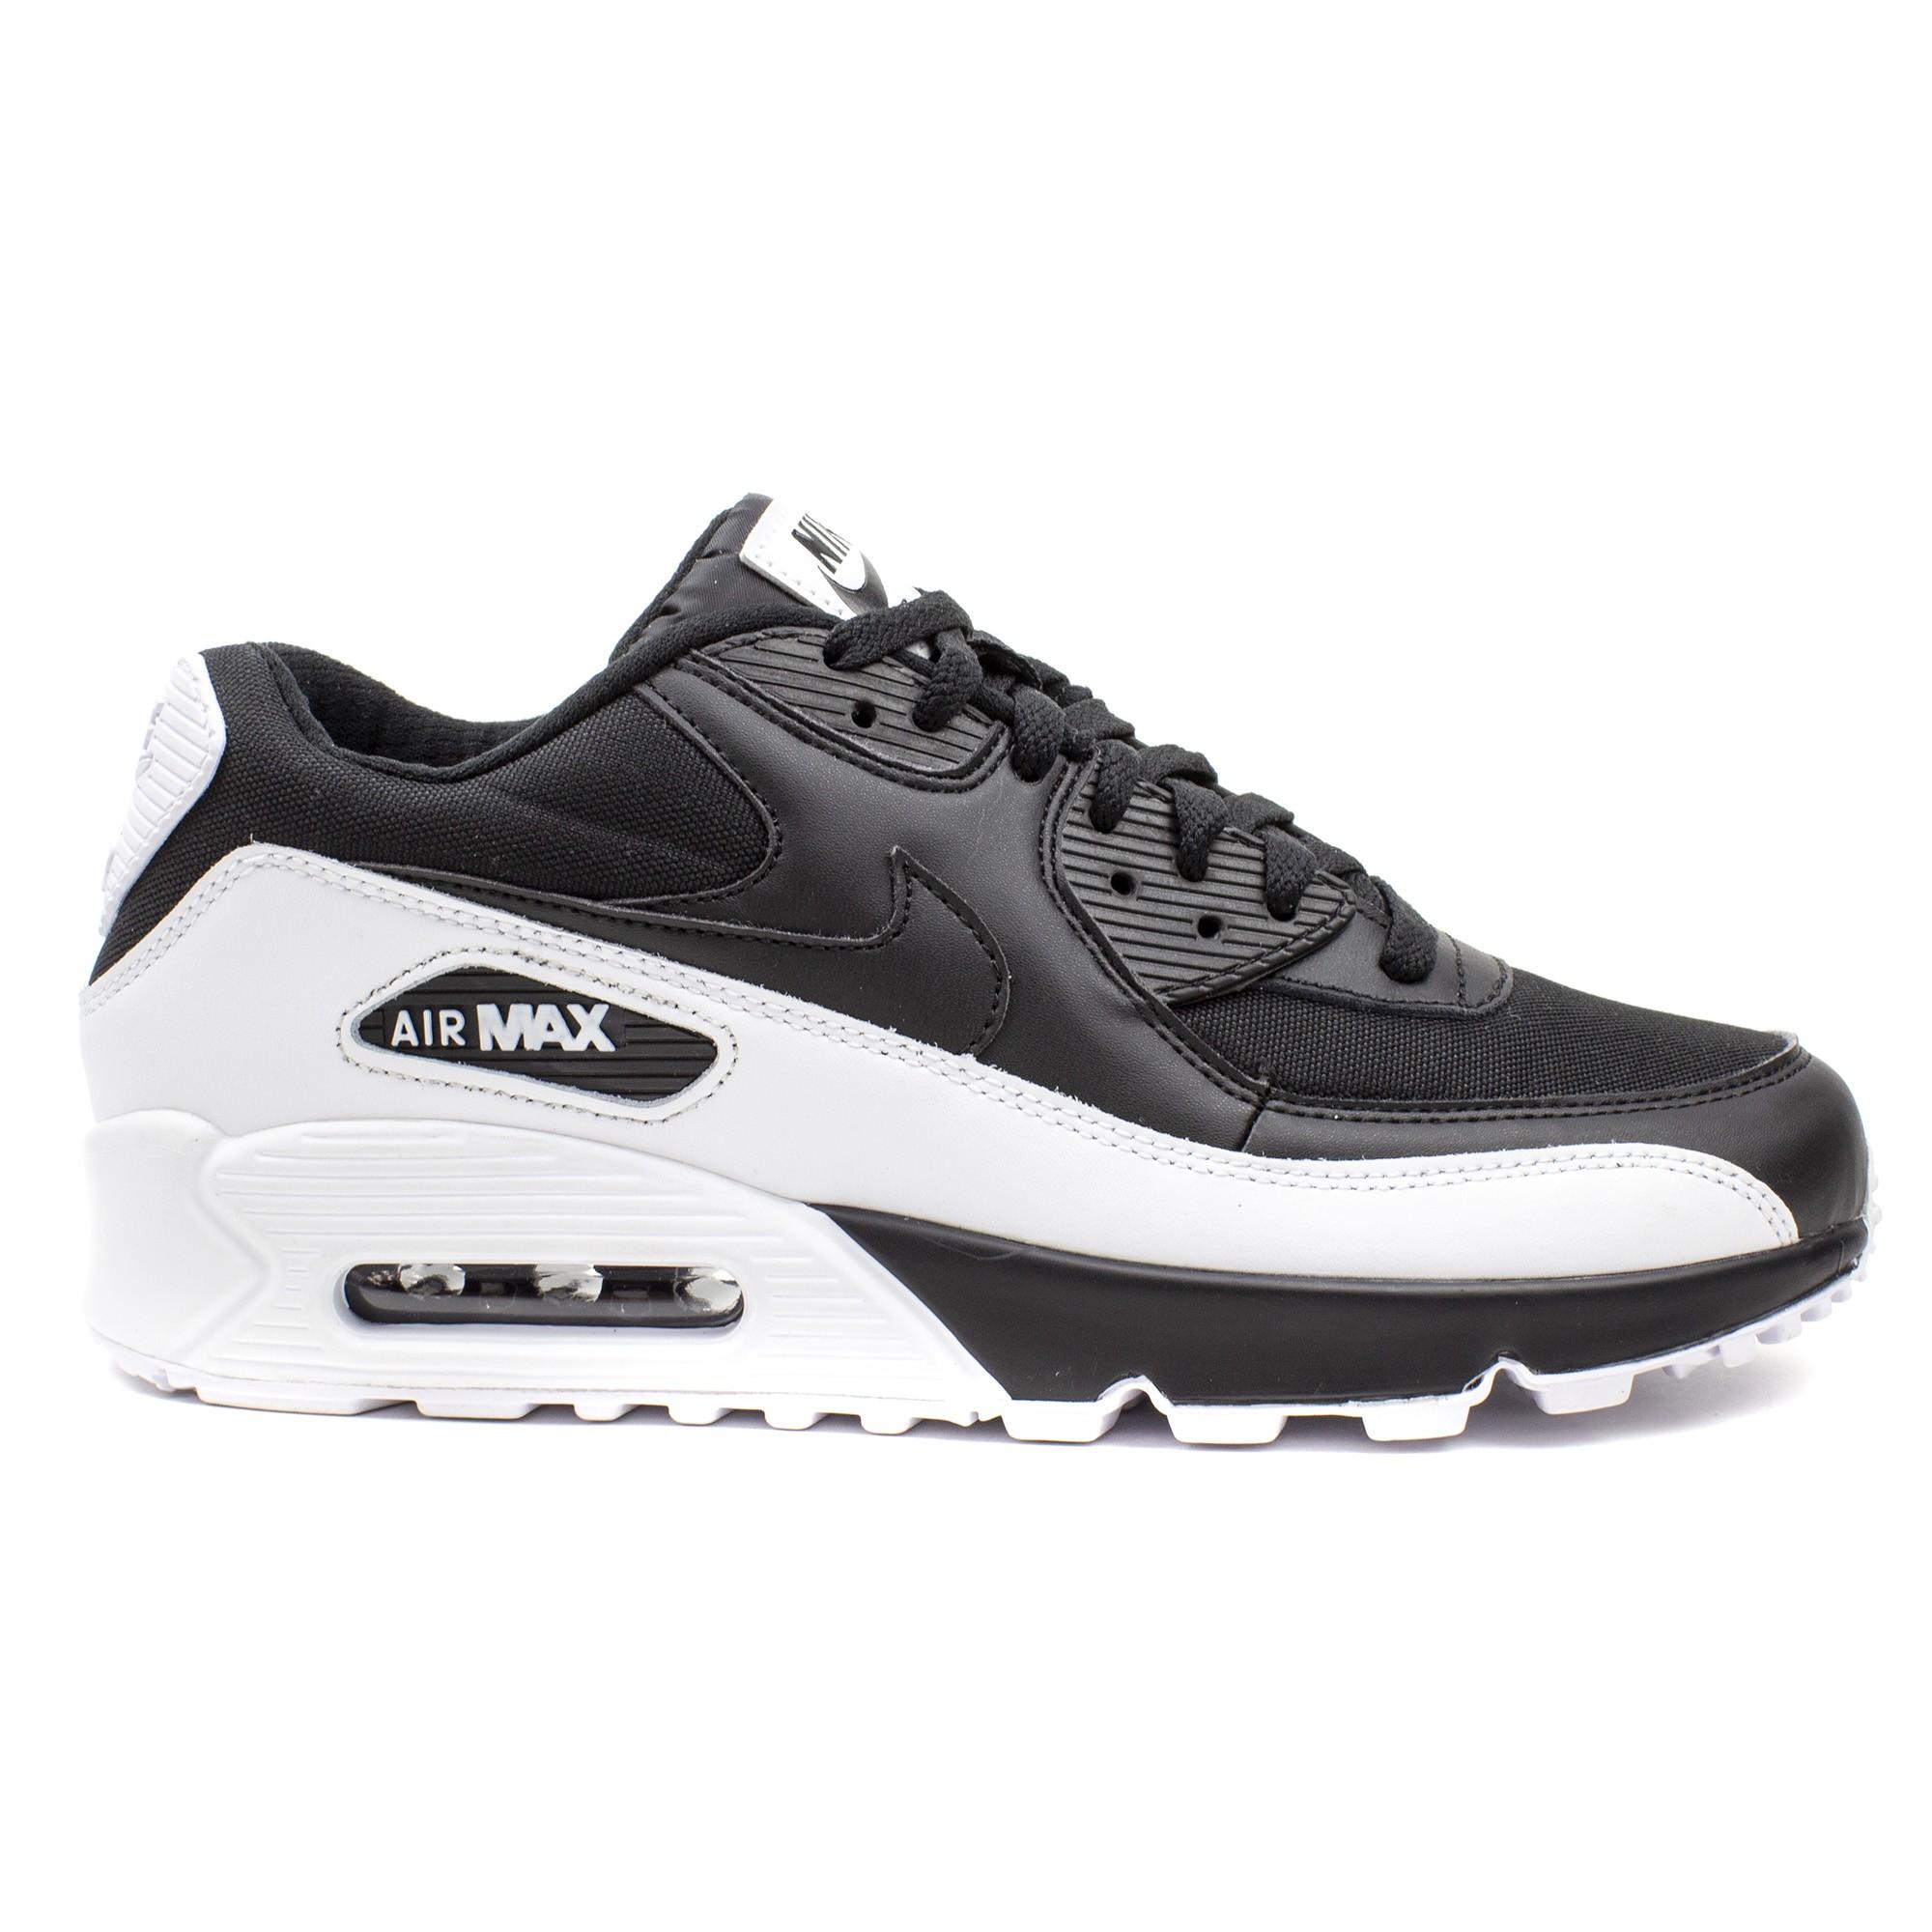 Męskie Buty Nylonowe Do Biegania Rzeczy Buty Nike Air Max 90